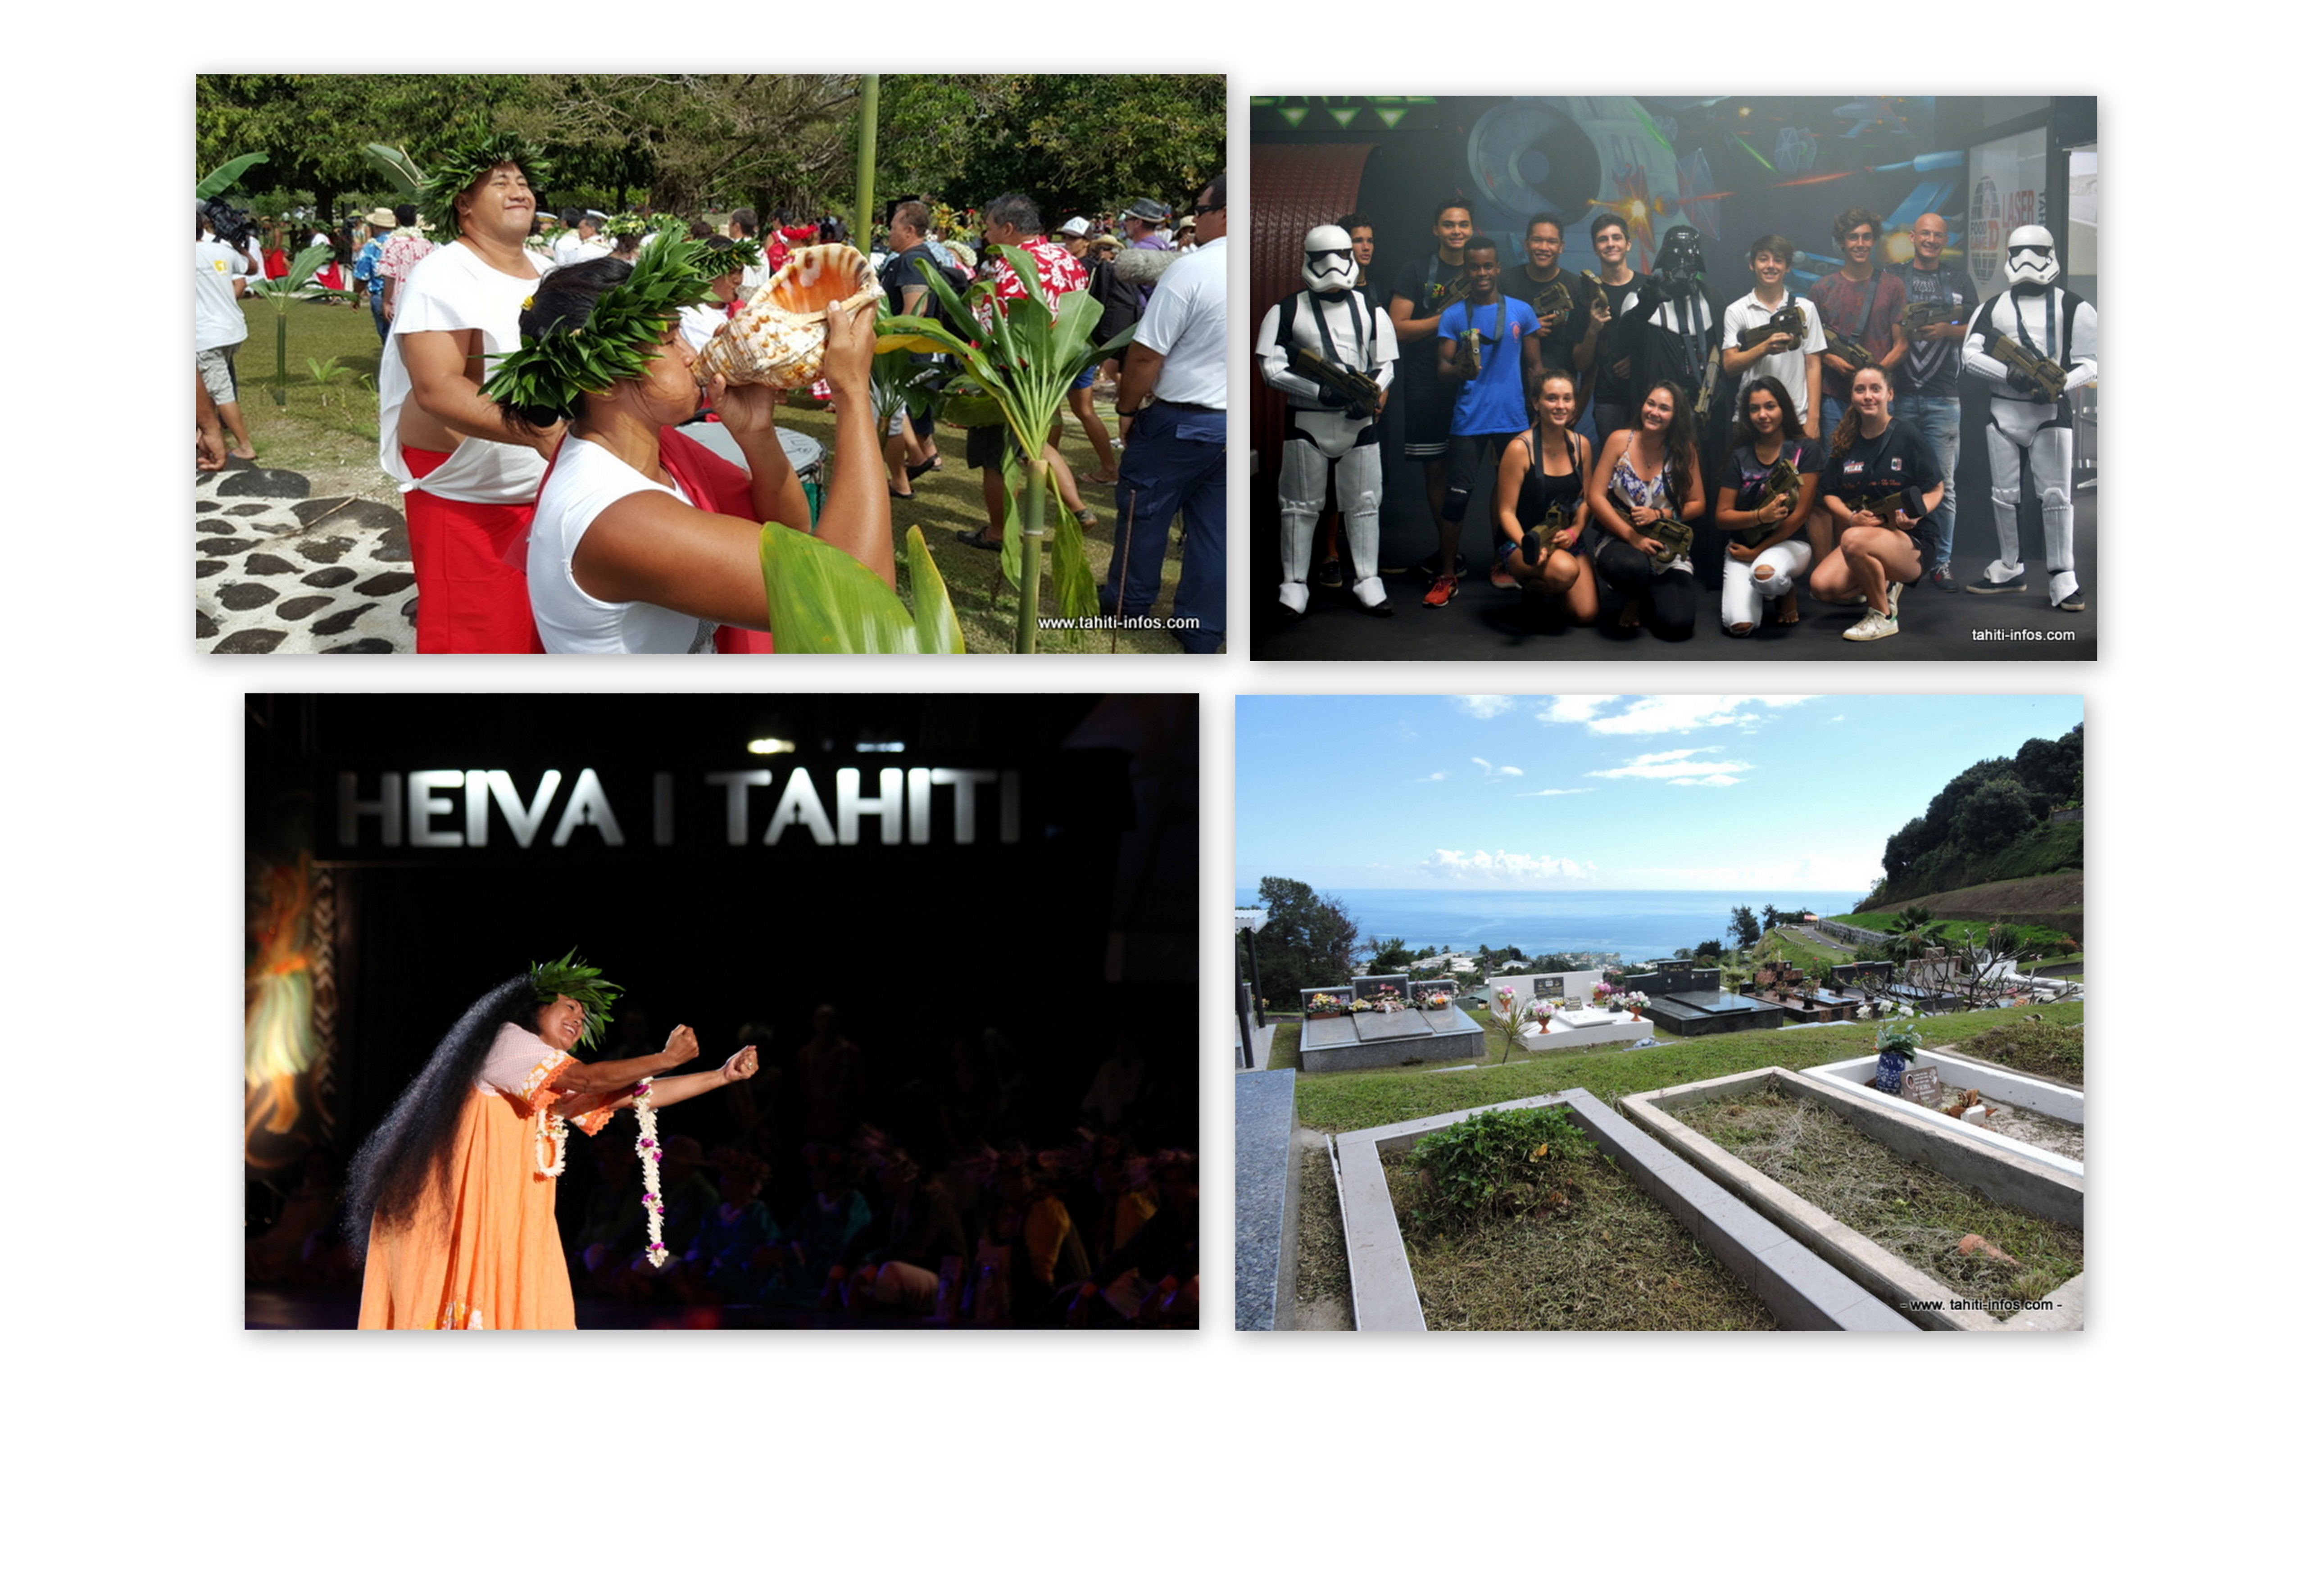 Juillet 2017 dans le rétro : la fête à Taputapuatea, le dernier interview de Makau Foster et l'ouverture du laser game